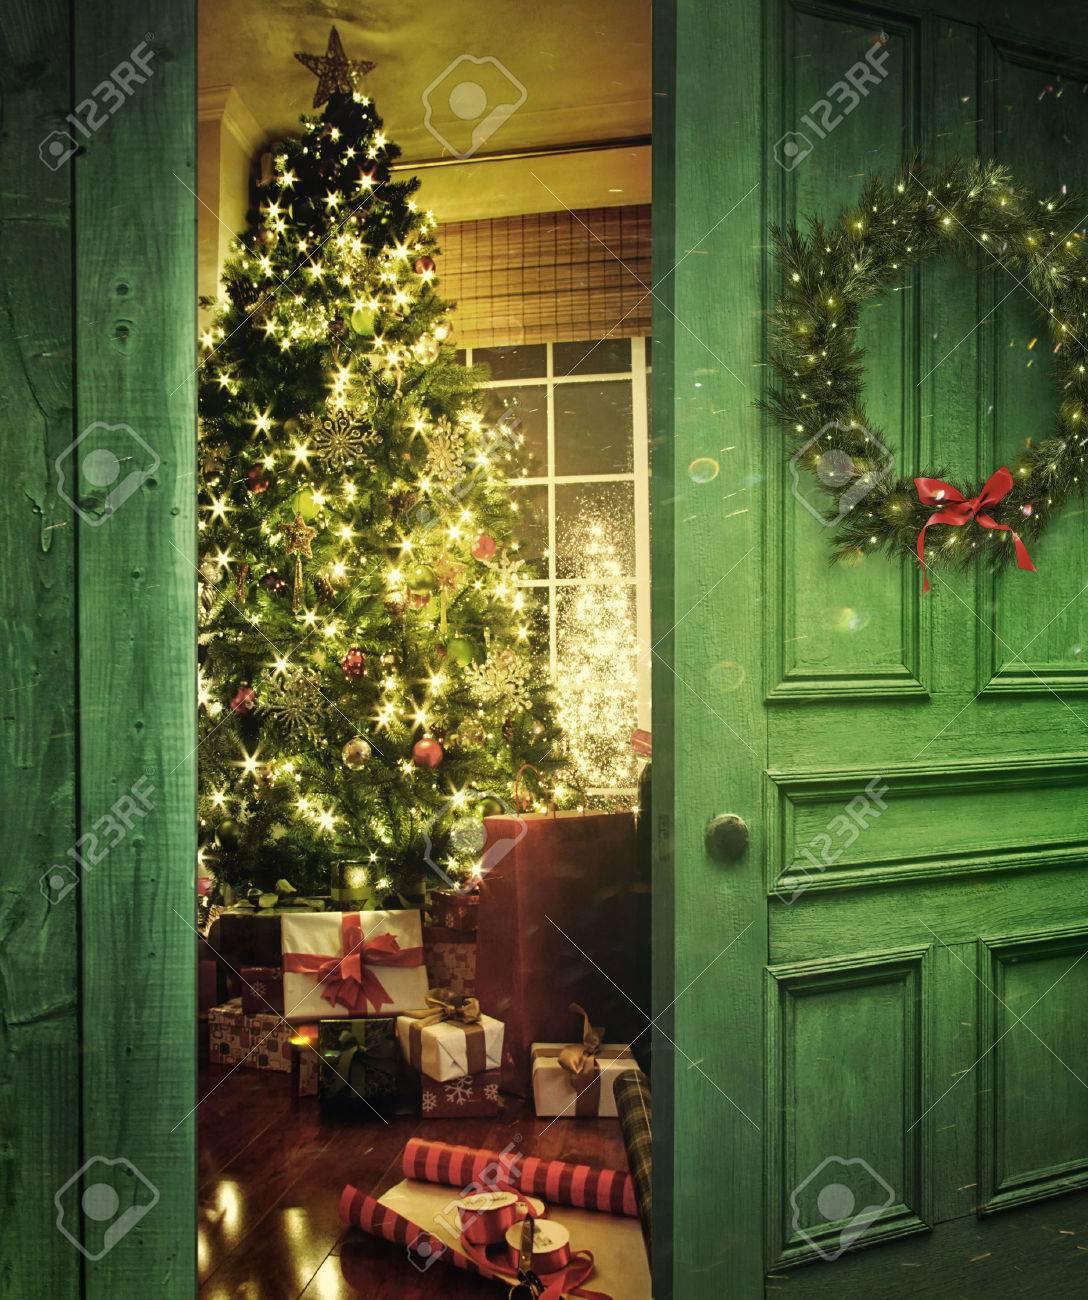 Door Stock Photos. Royalty Free Door Images